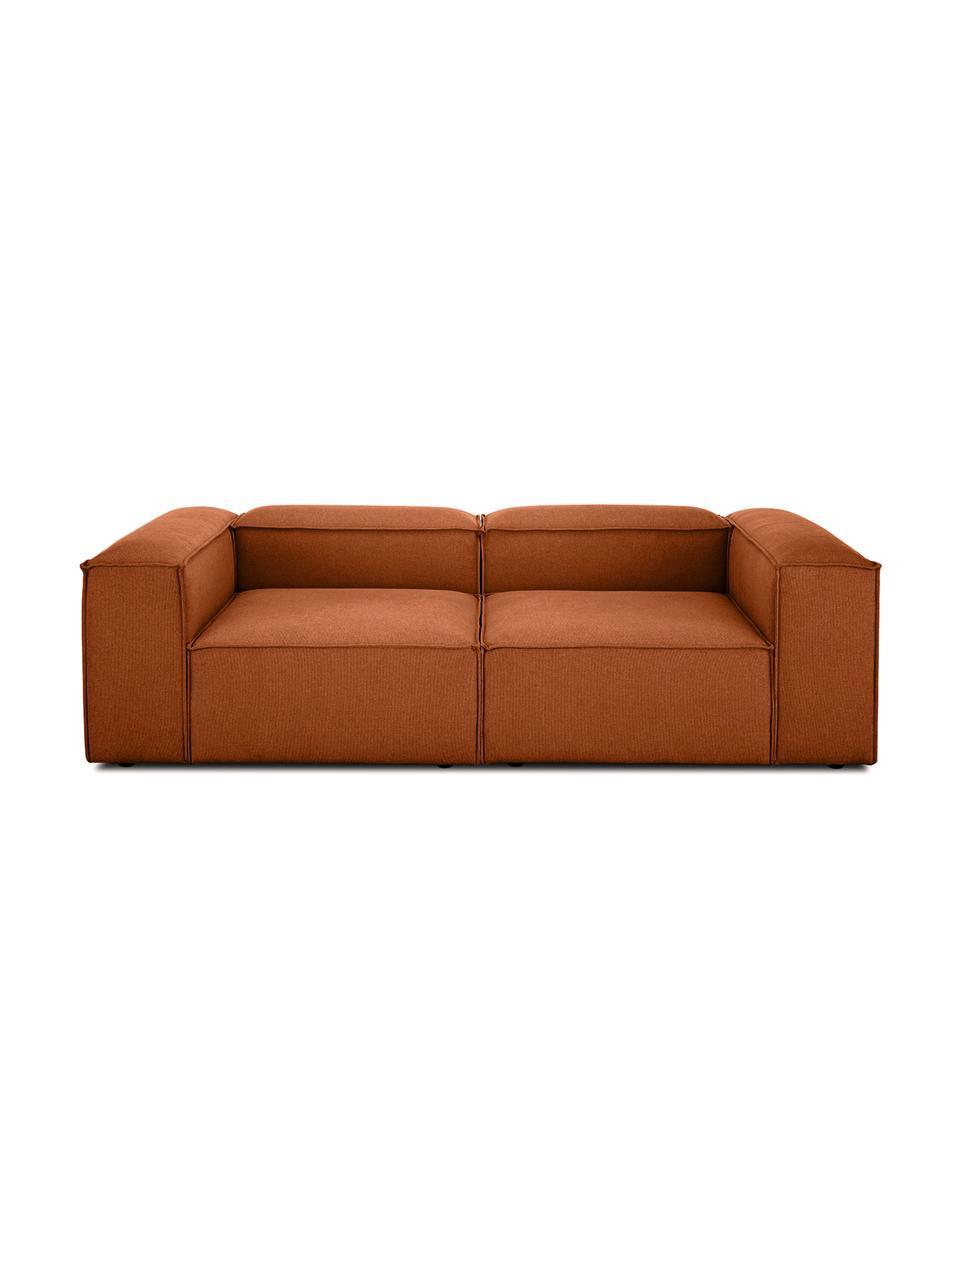 Canapé 3places modulable terracotta Lennon, Tissu terre cuite